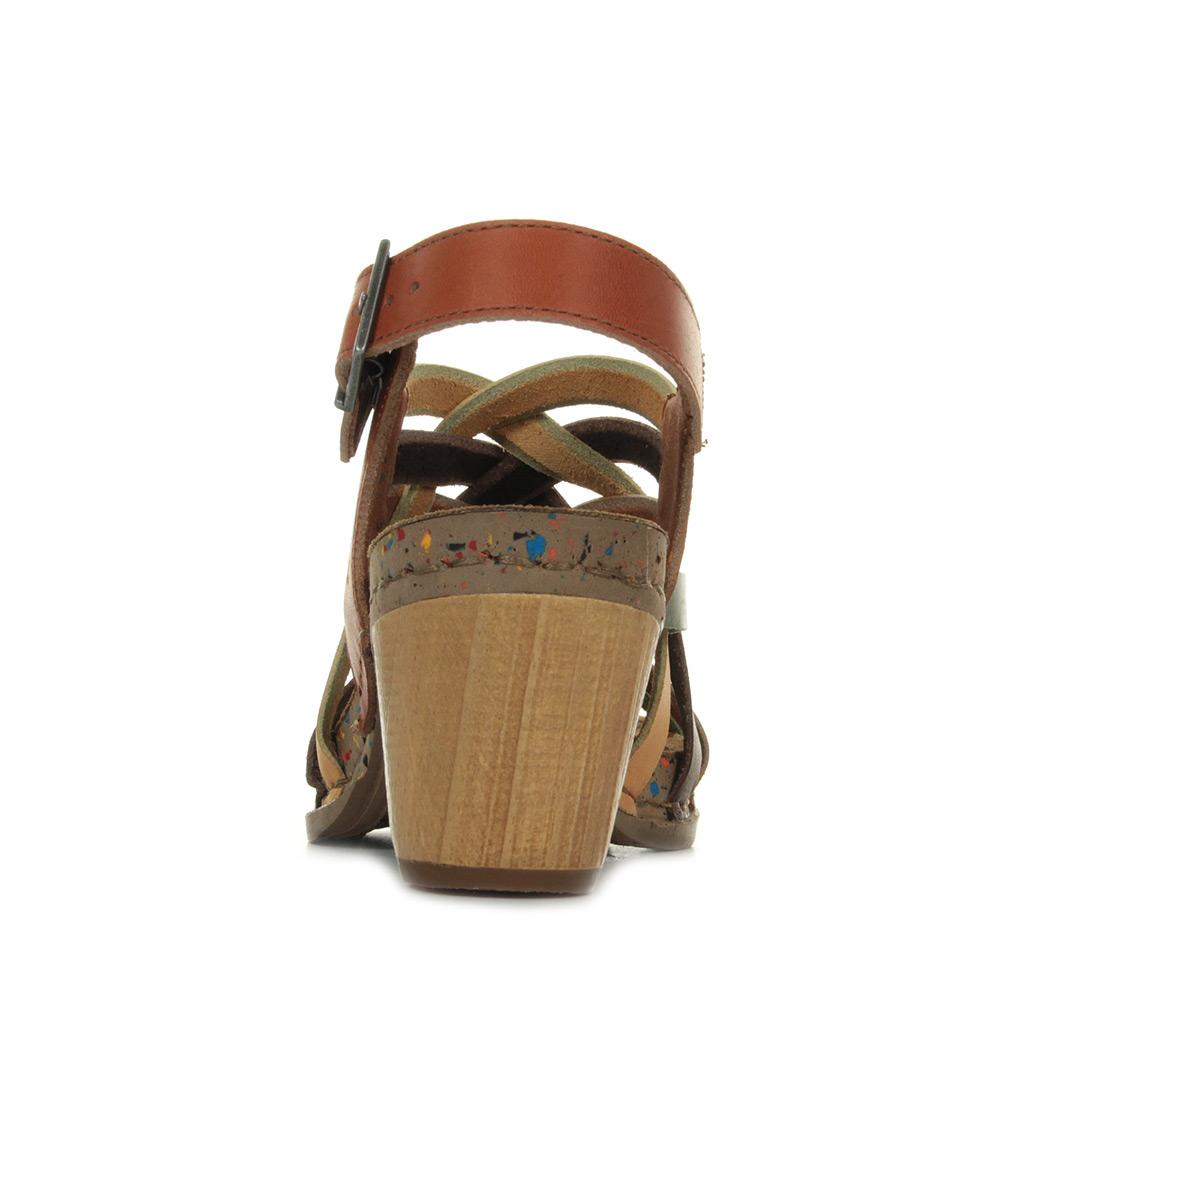 QIN&X Les Talons Talon Chaussures à Tête Ronde,37,l'abricot